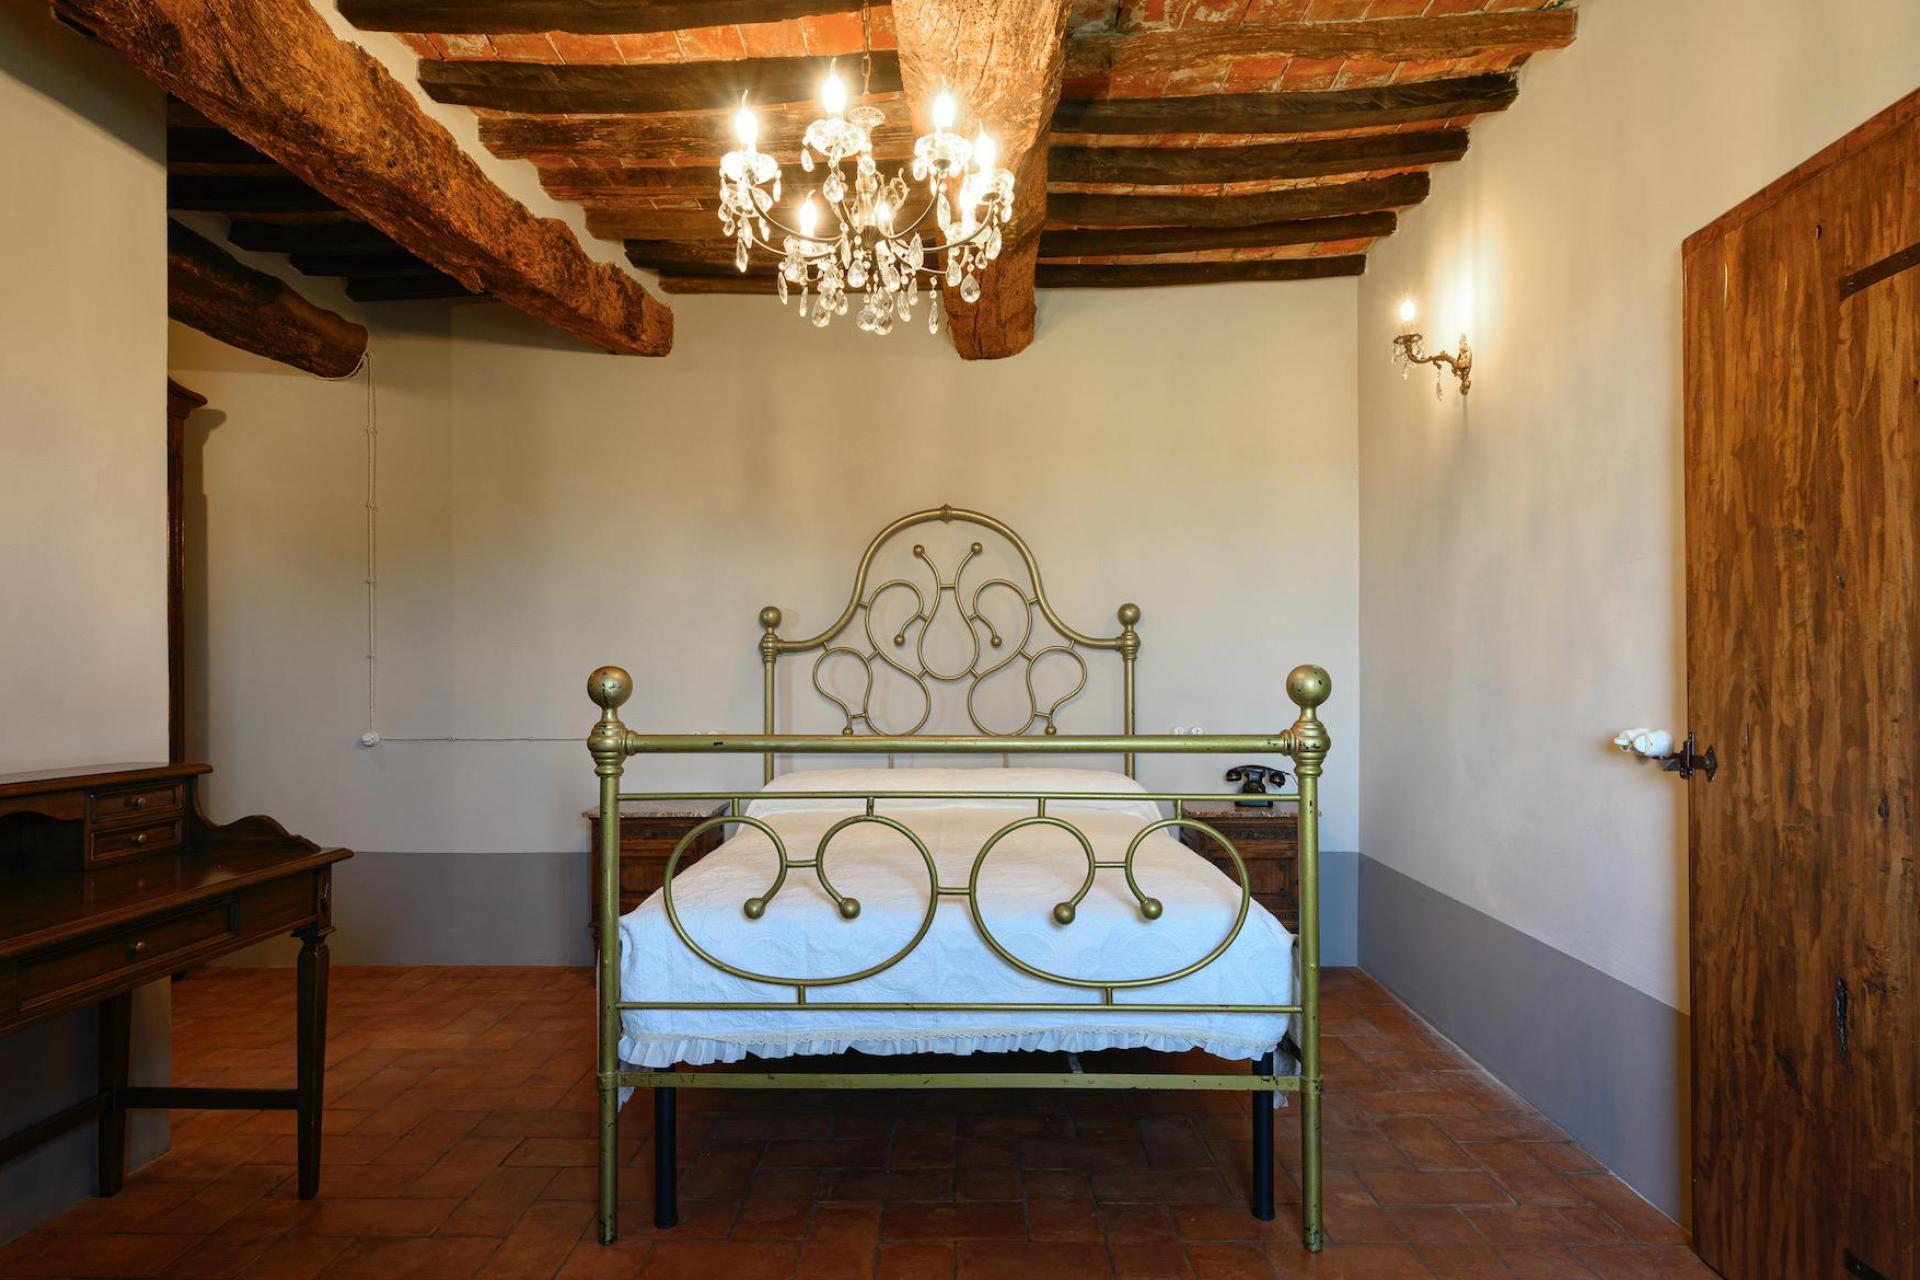 Agriturismo Toskana Idealer Agriturismo in der Toskana zum Entspannen